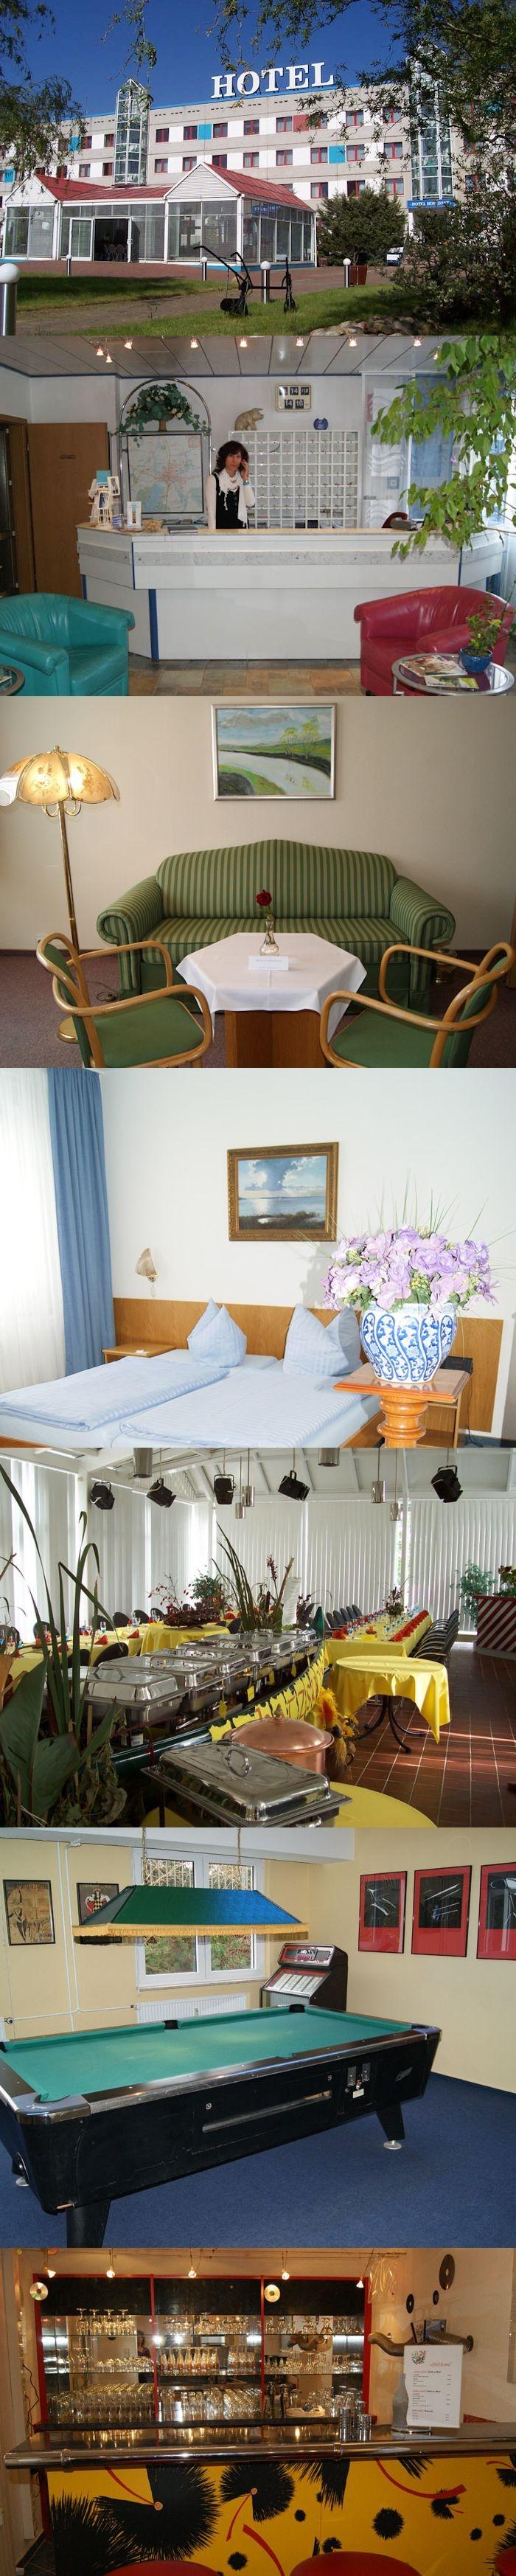 """Hotel Horizont in Neubrandenburg, Mecklenburg-Vorpommern, ca. 135km nördlich von Berlin. Die """"Stadt der vier Tore""""."""